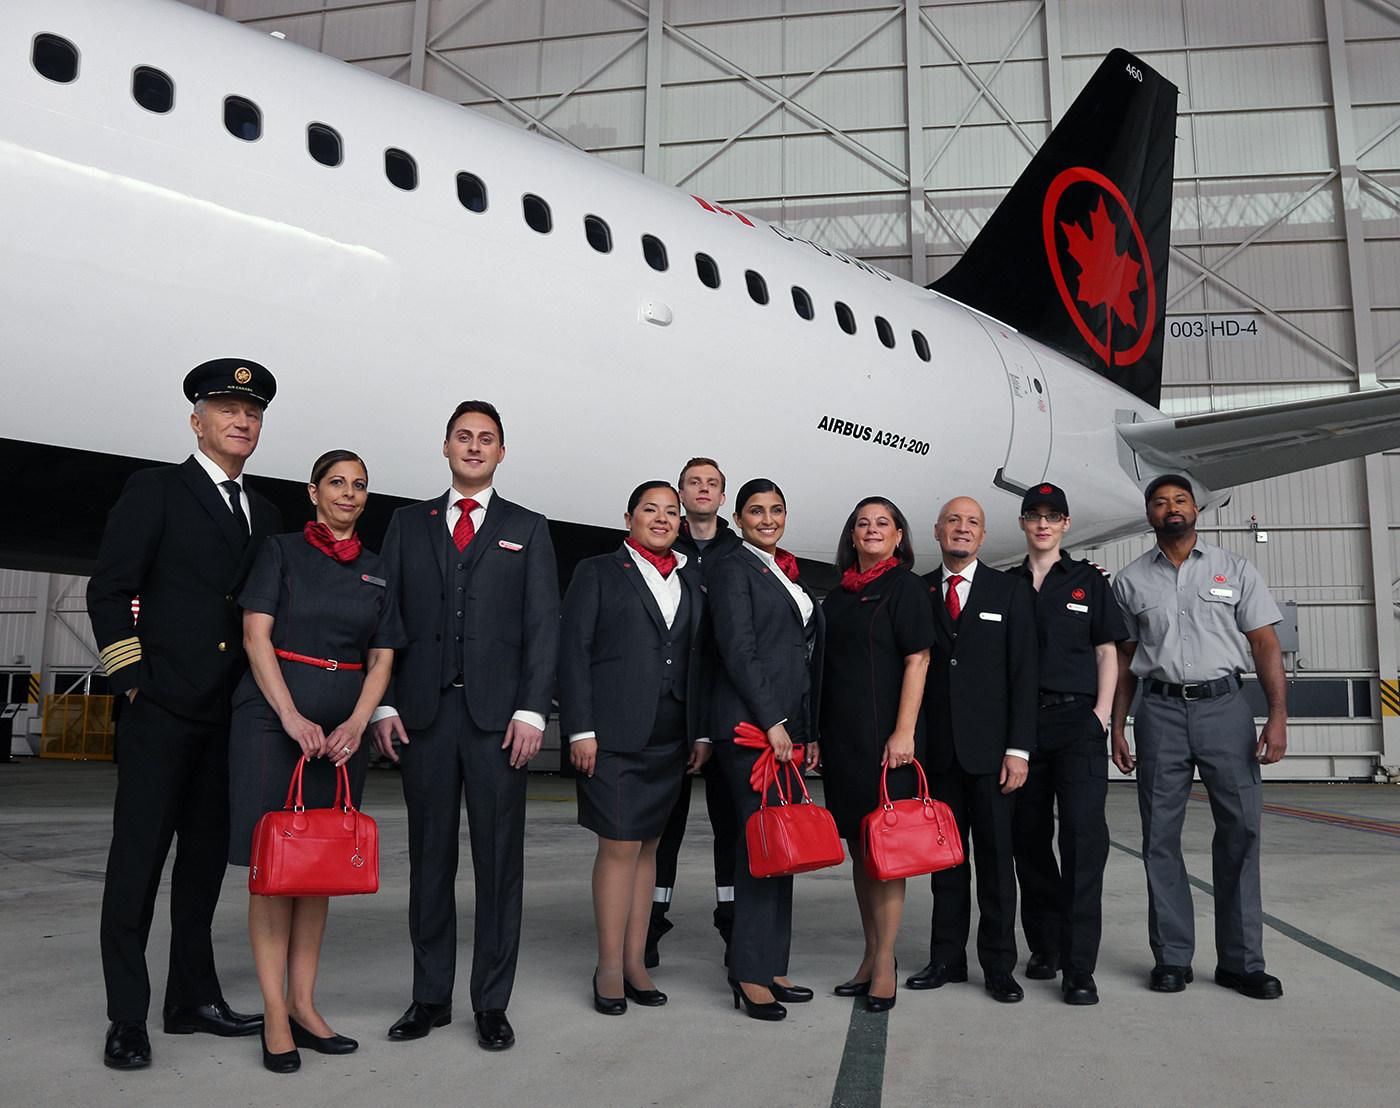 Air Canada est nommée parmi les meilleurs employeurs de Montréal pour la sixième année de suite (Groupe CNW/Air Canada)